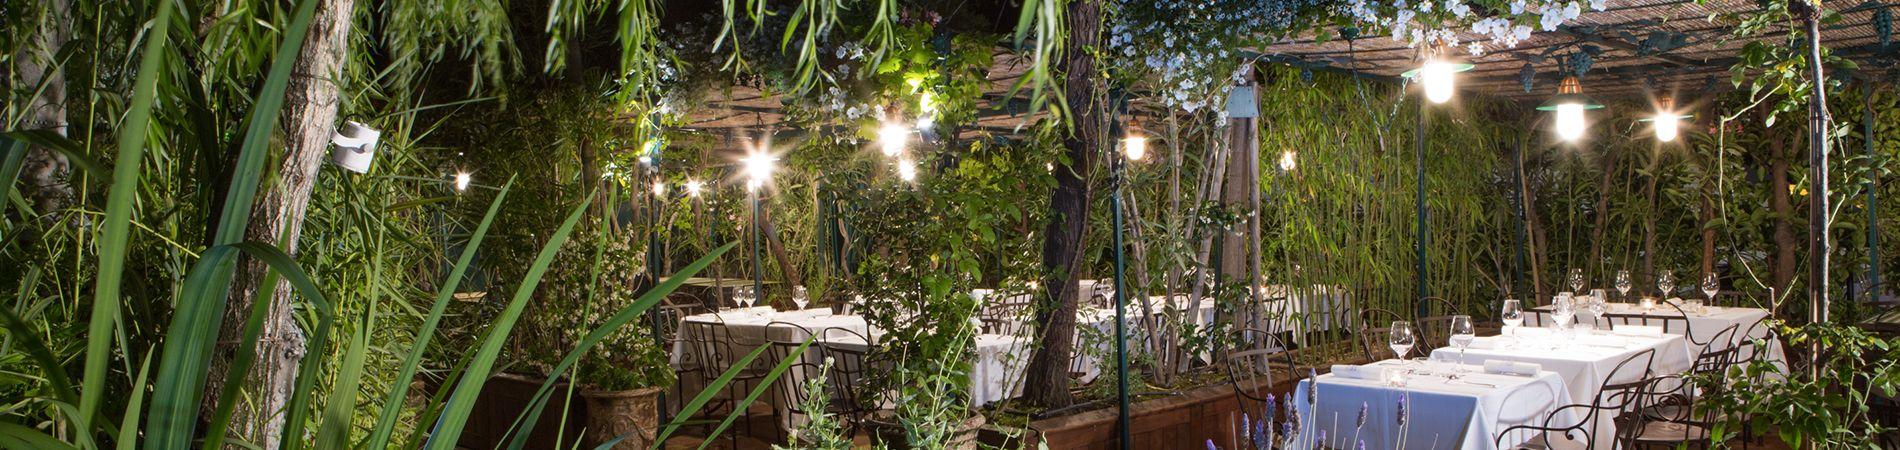 momento excepcional en los jardines restaurante grands buffets